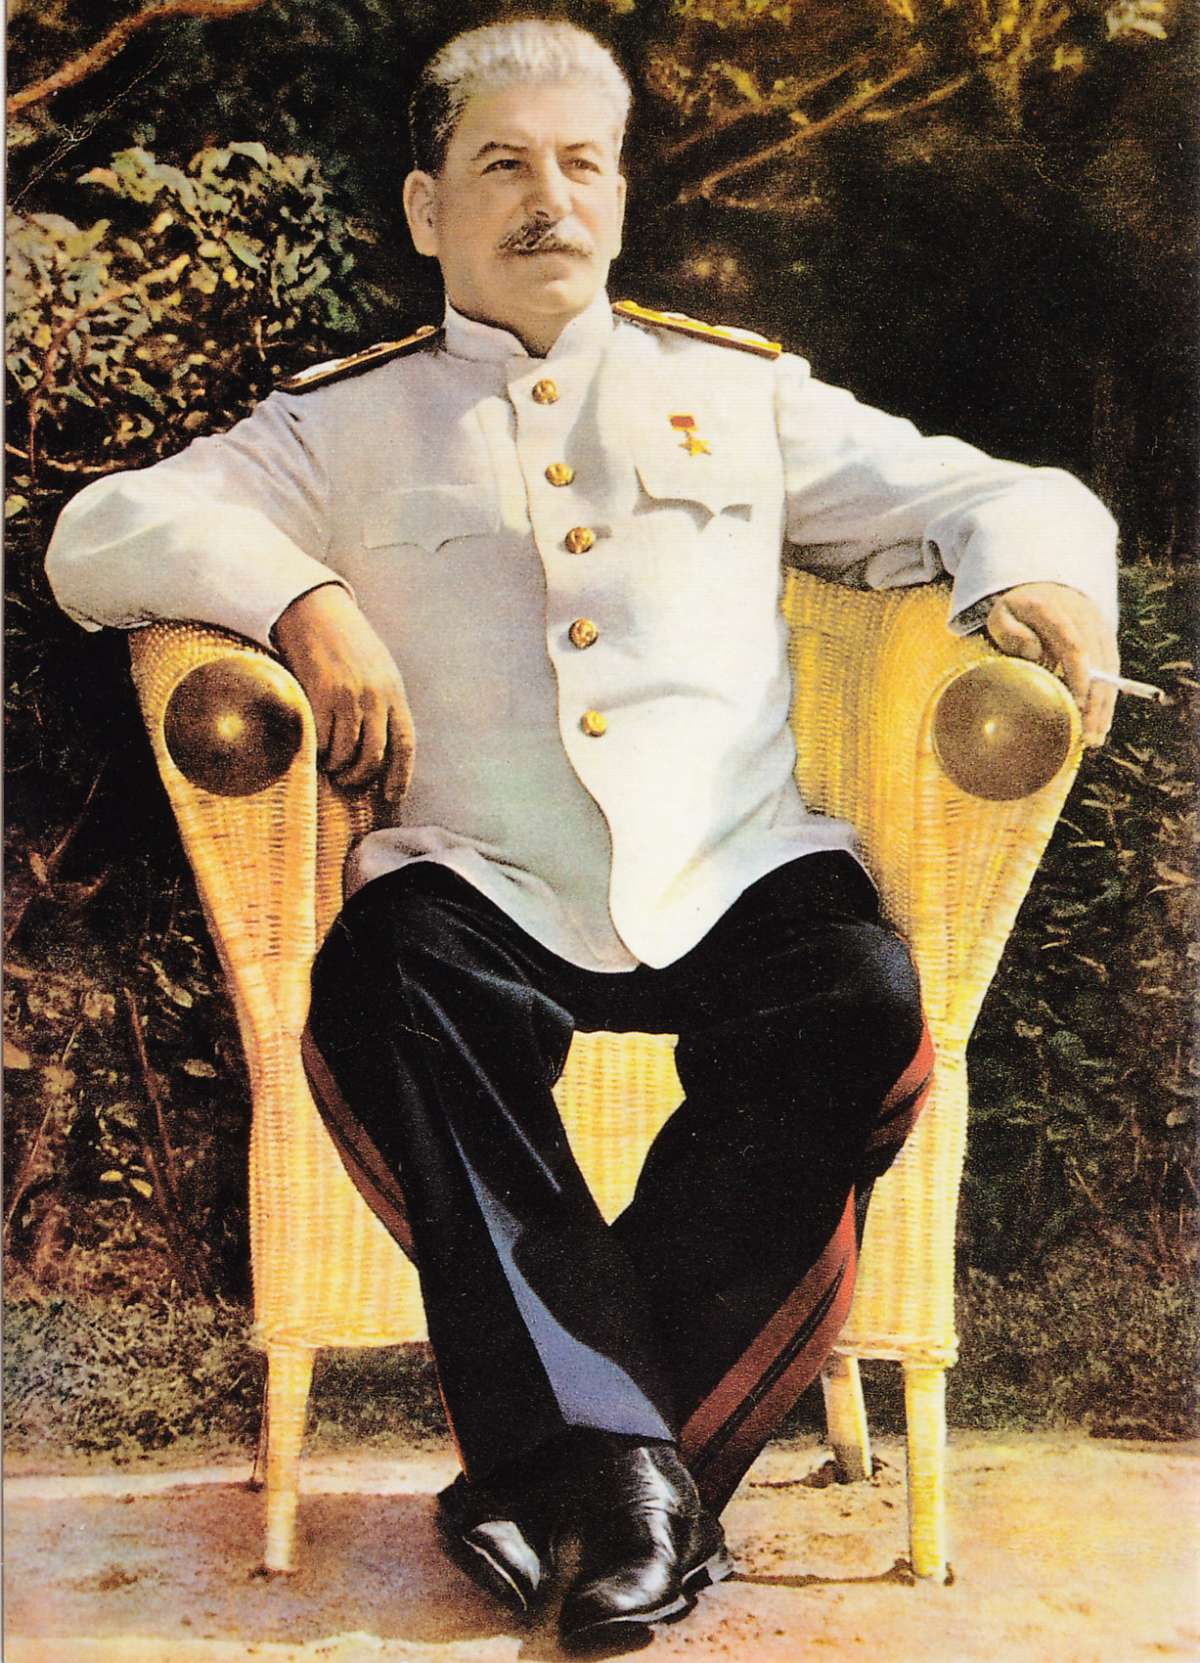 Сталин в ноябре 1927 года разгромил бандитов Троцкого и взял власть в России